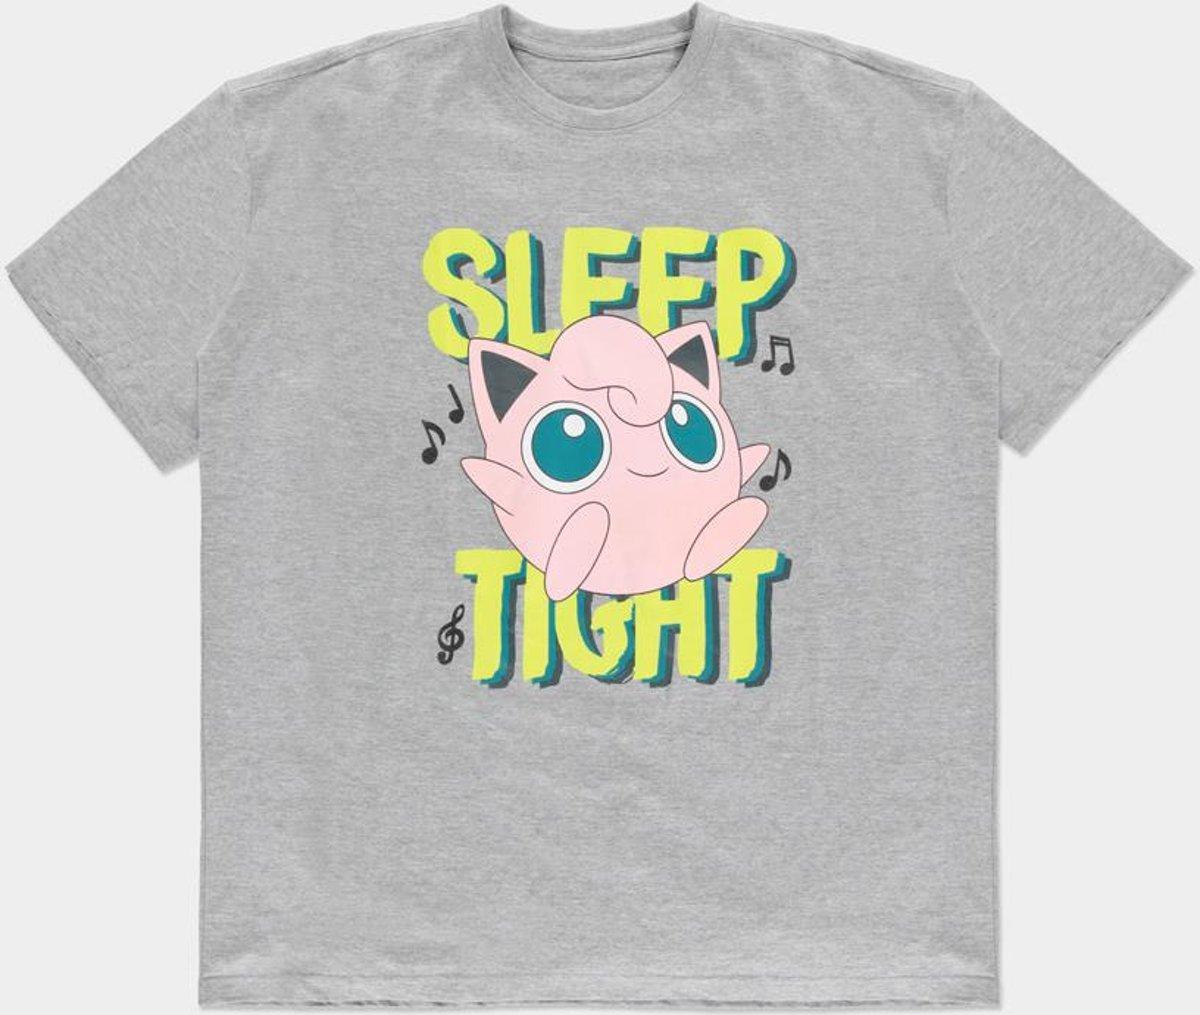 Pokémon - Jigglypuff Oversized Women's T-shirt - 2XL kopen